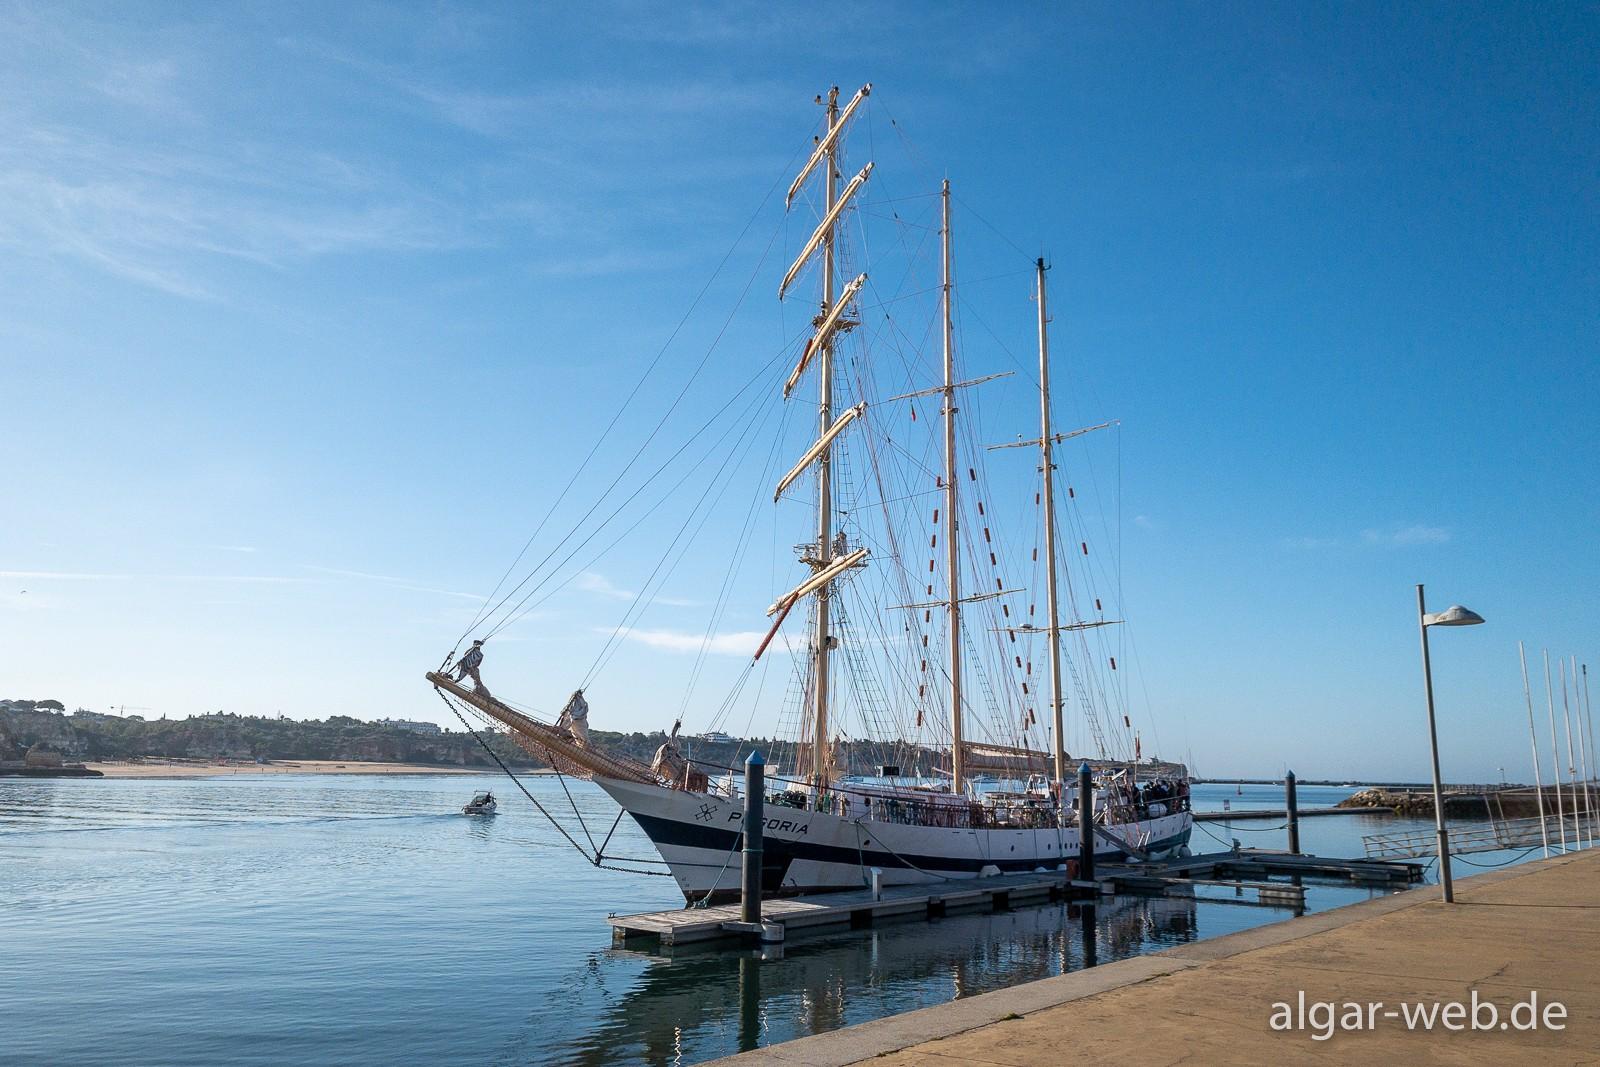 Hotel Tivoli Marina - oft mit Schiffsbesuch